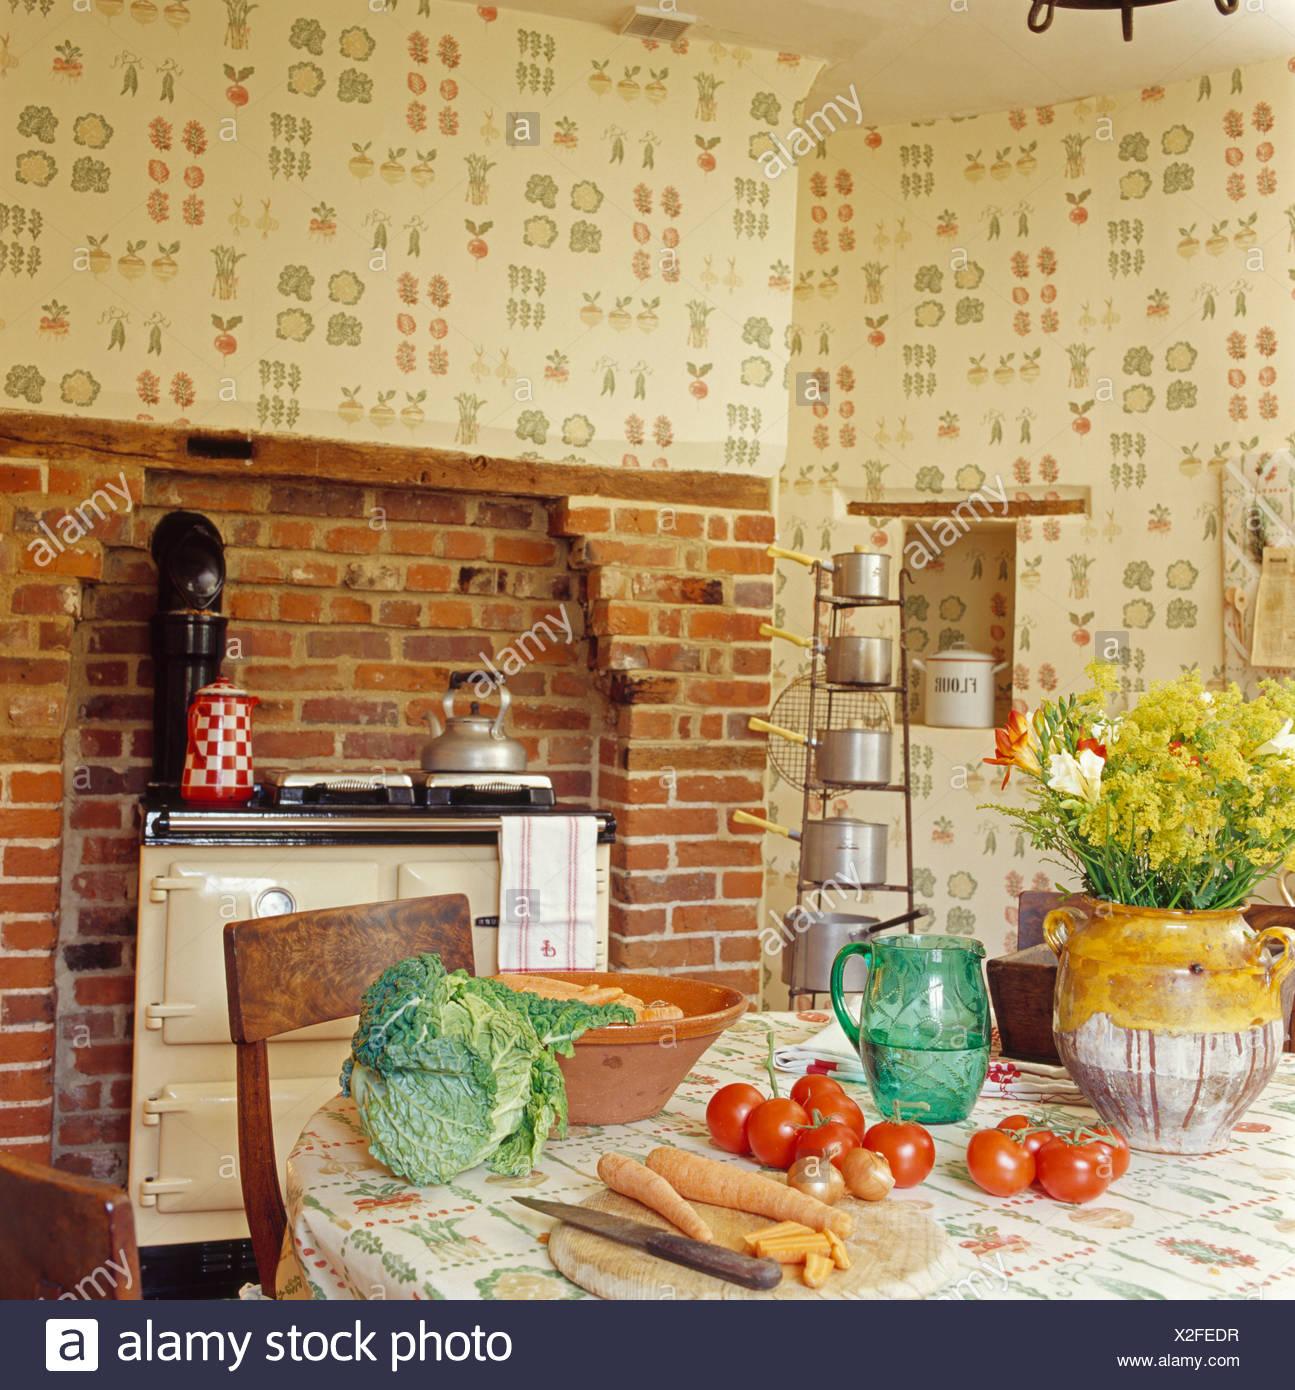 Gemüse auf Tisch im Landhaus-Küche mit Creme Aga-Ofen und Gemüse ...